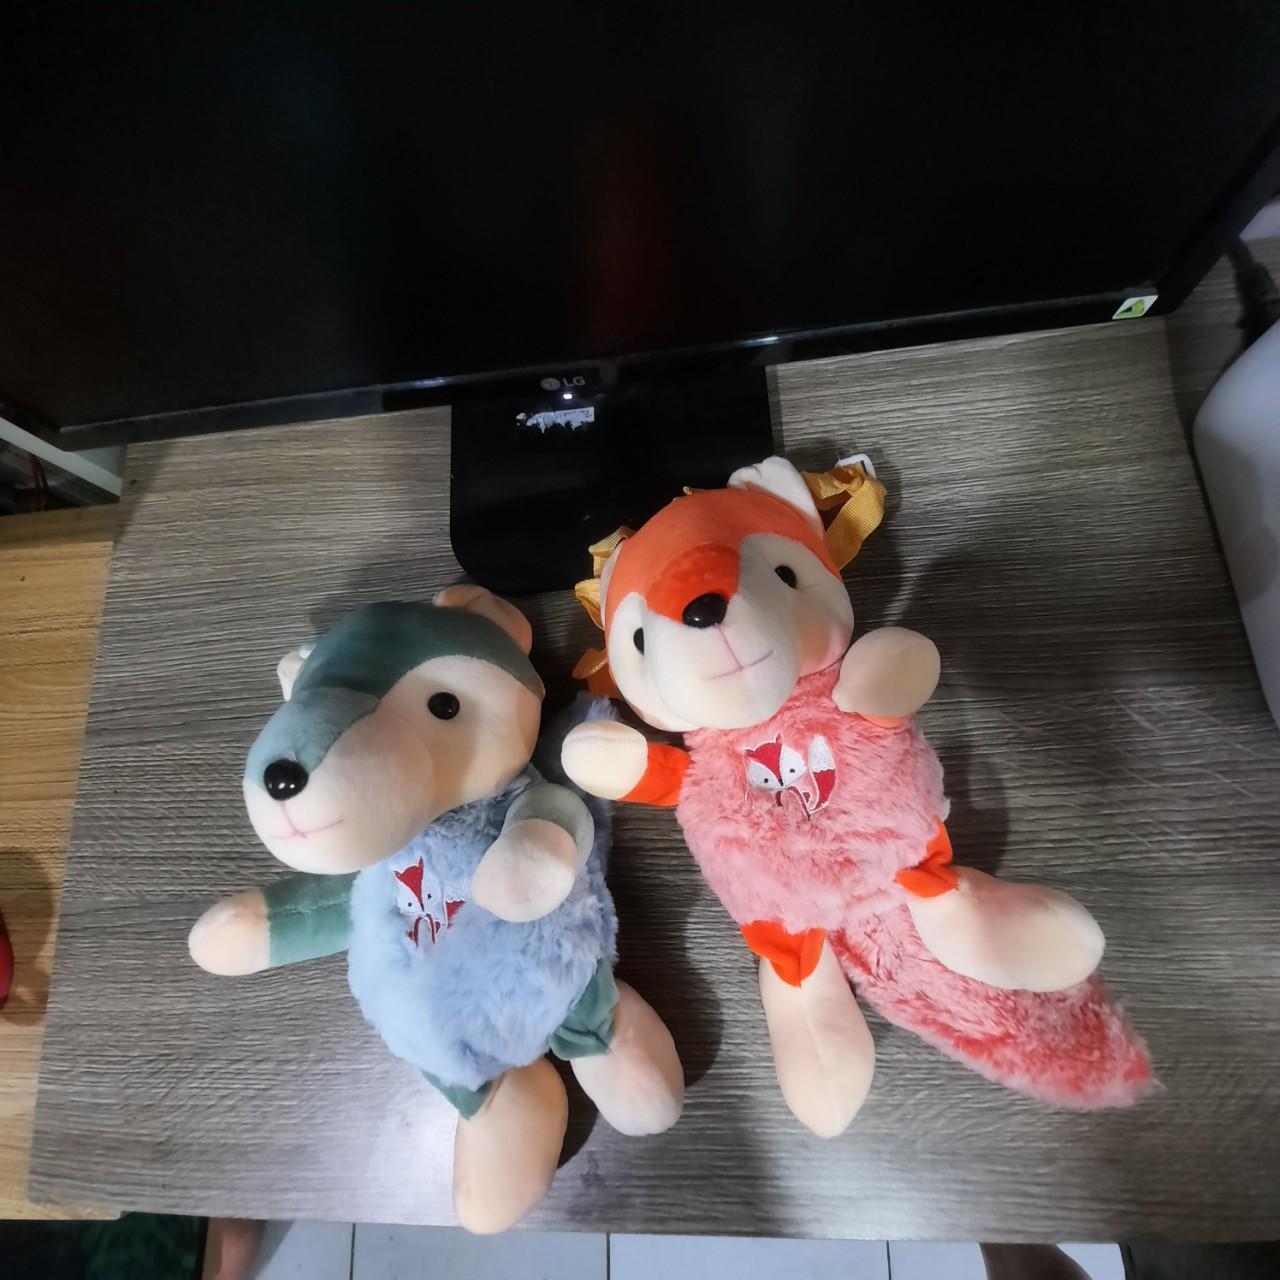 Túi đeo chéo gấu bông bé sóc cho trẻ em thời trang dễ thương SD87 Shalla (túi đeo chéo bé sóc chuyên sỉ)